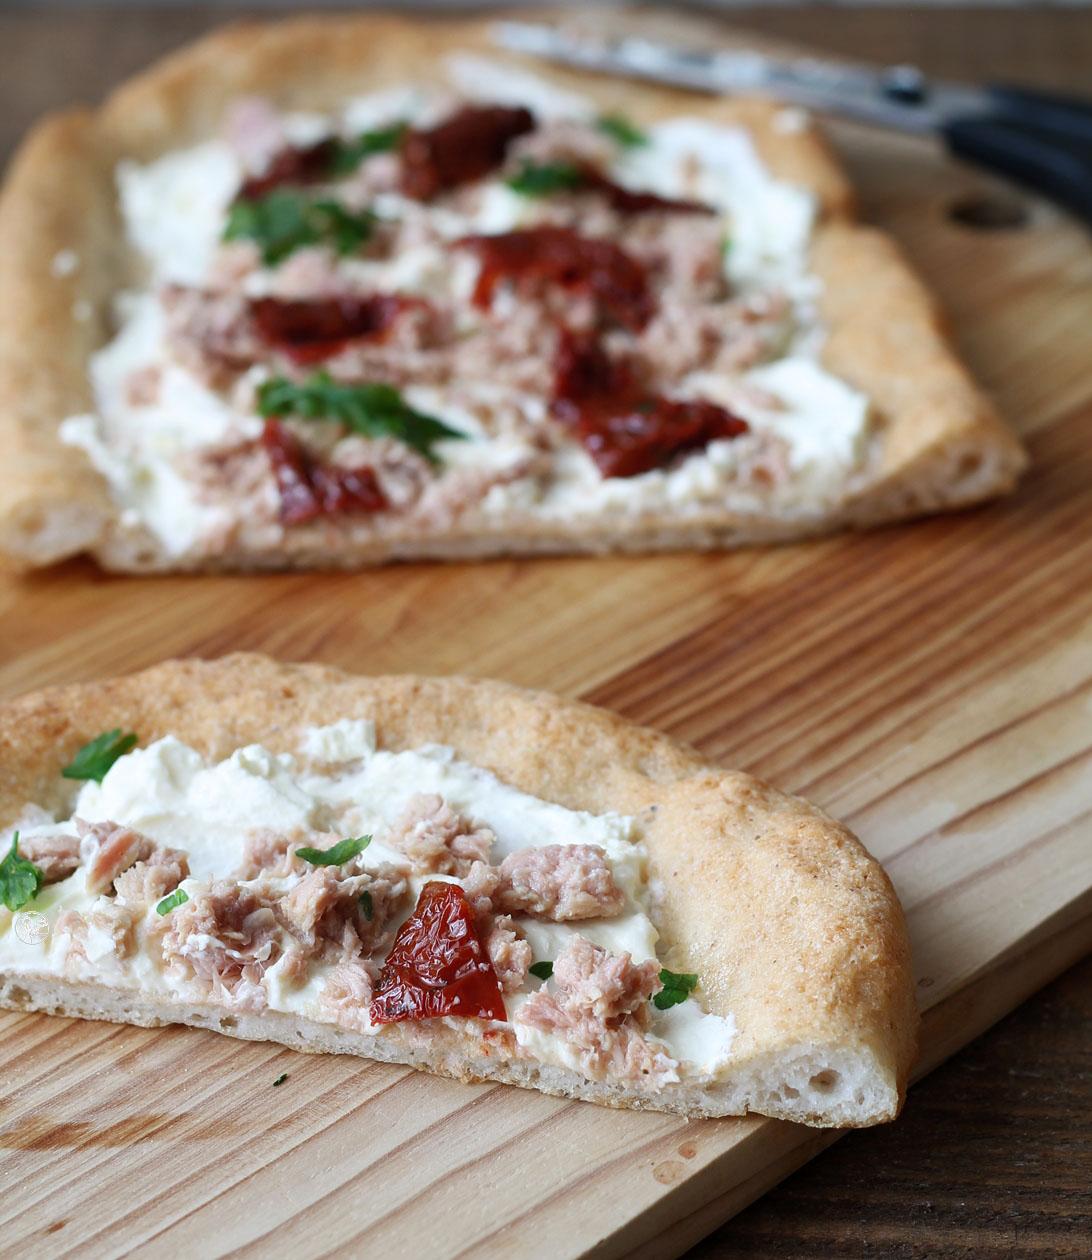 Pizza senza glutine, senza lattosio e senza mix commerciali - La Cassata Celiaca